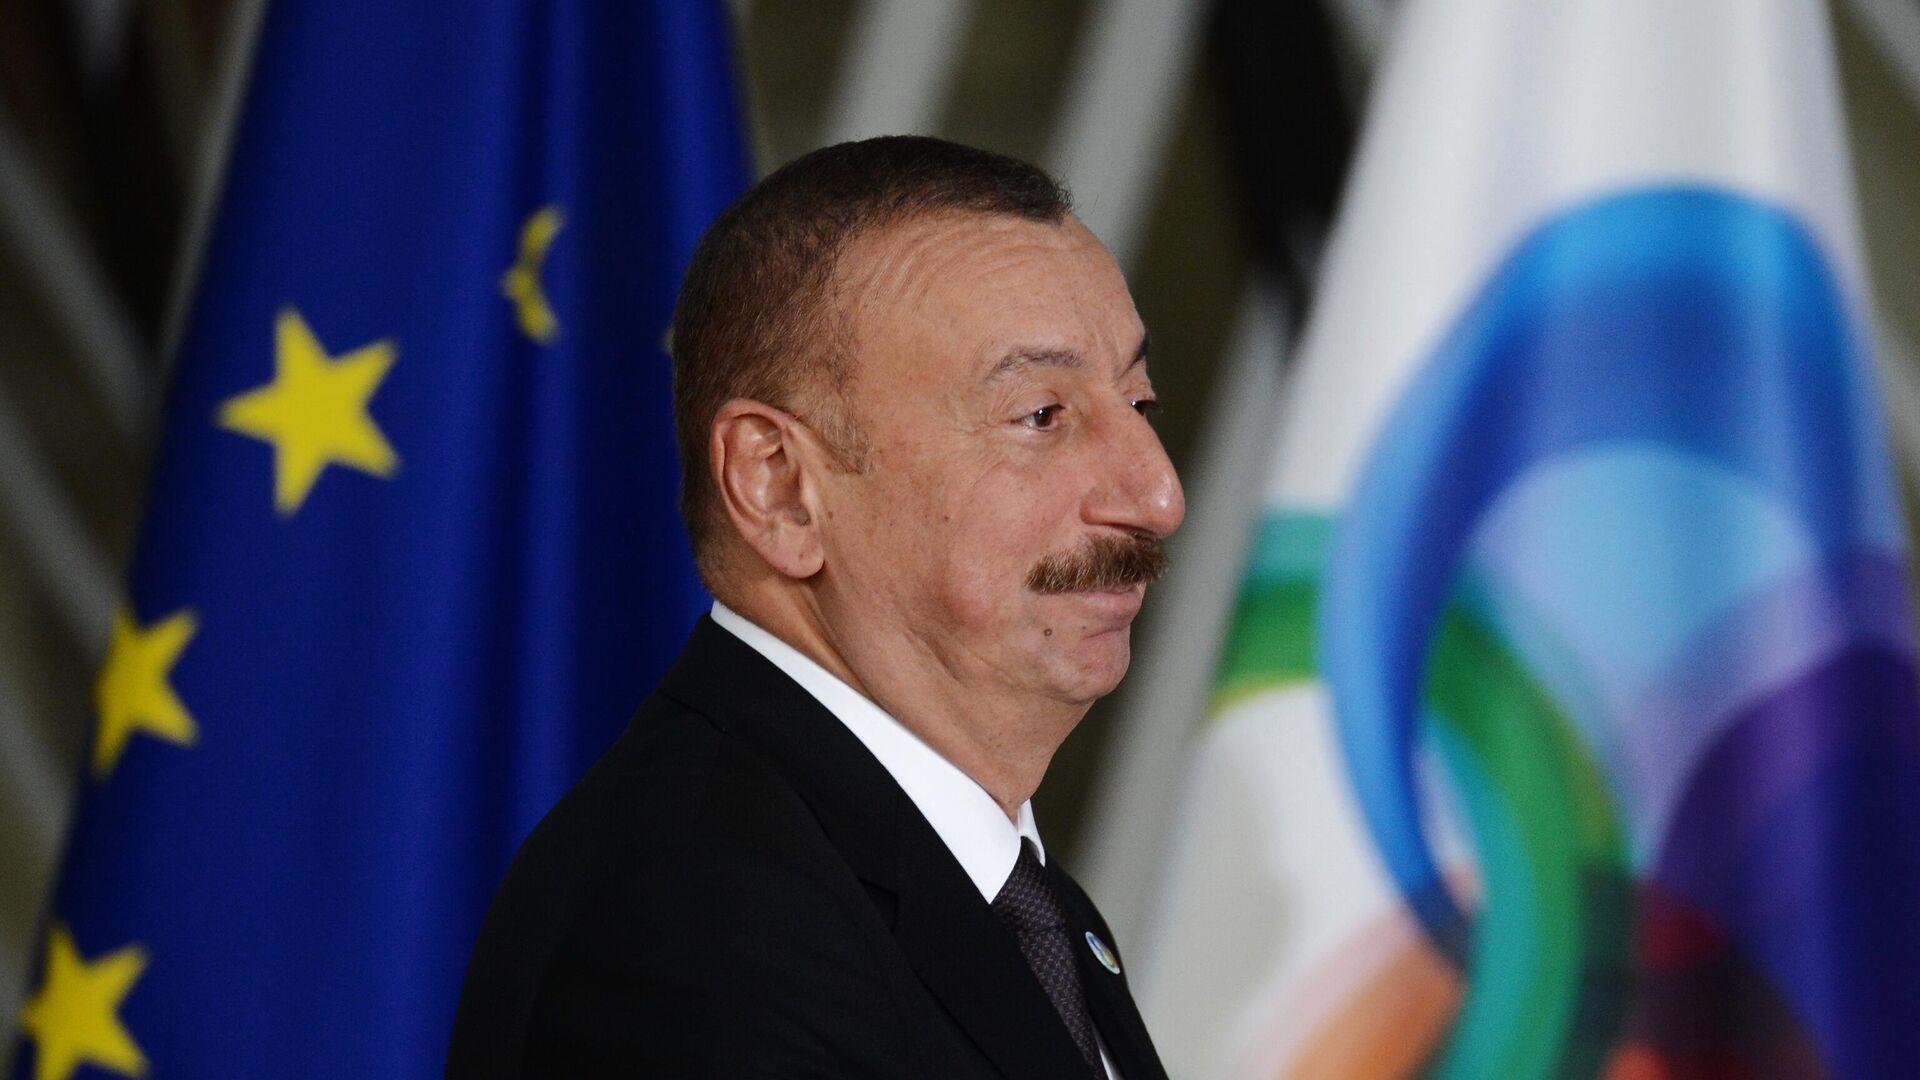 Президент Азербайджана Ильхам Алиев перед началом 5-го Саммита Восточного партнерства в Брюсселе - РИА Новости, 1920, 04.10.2020